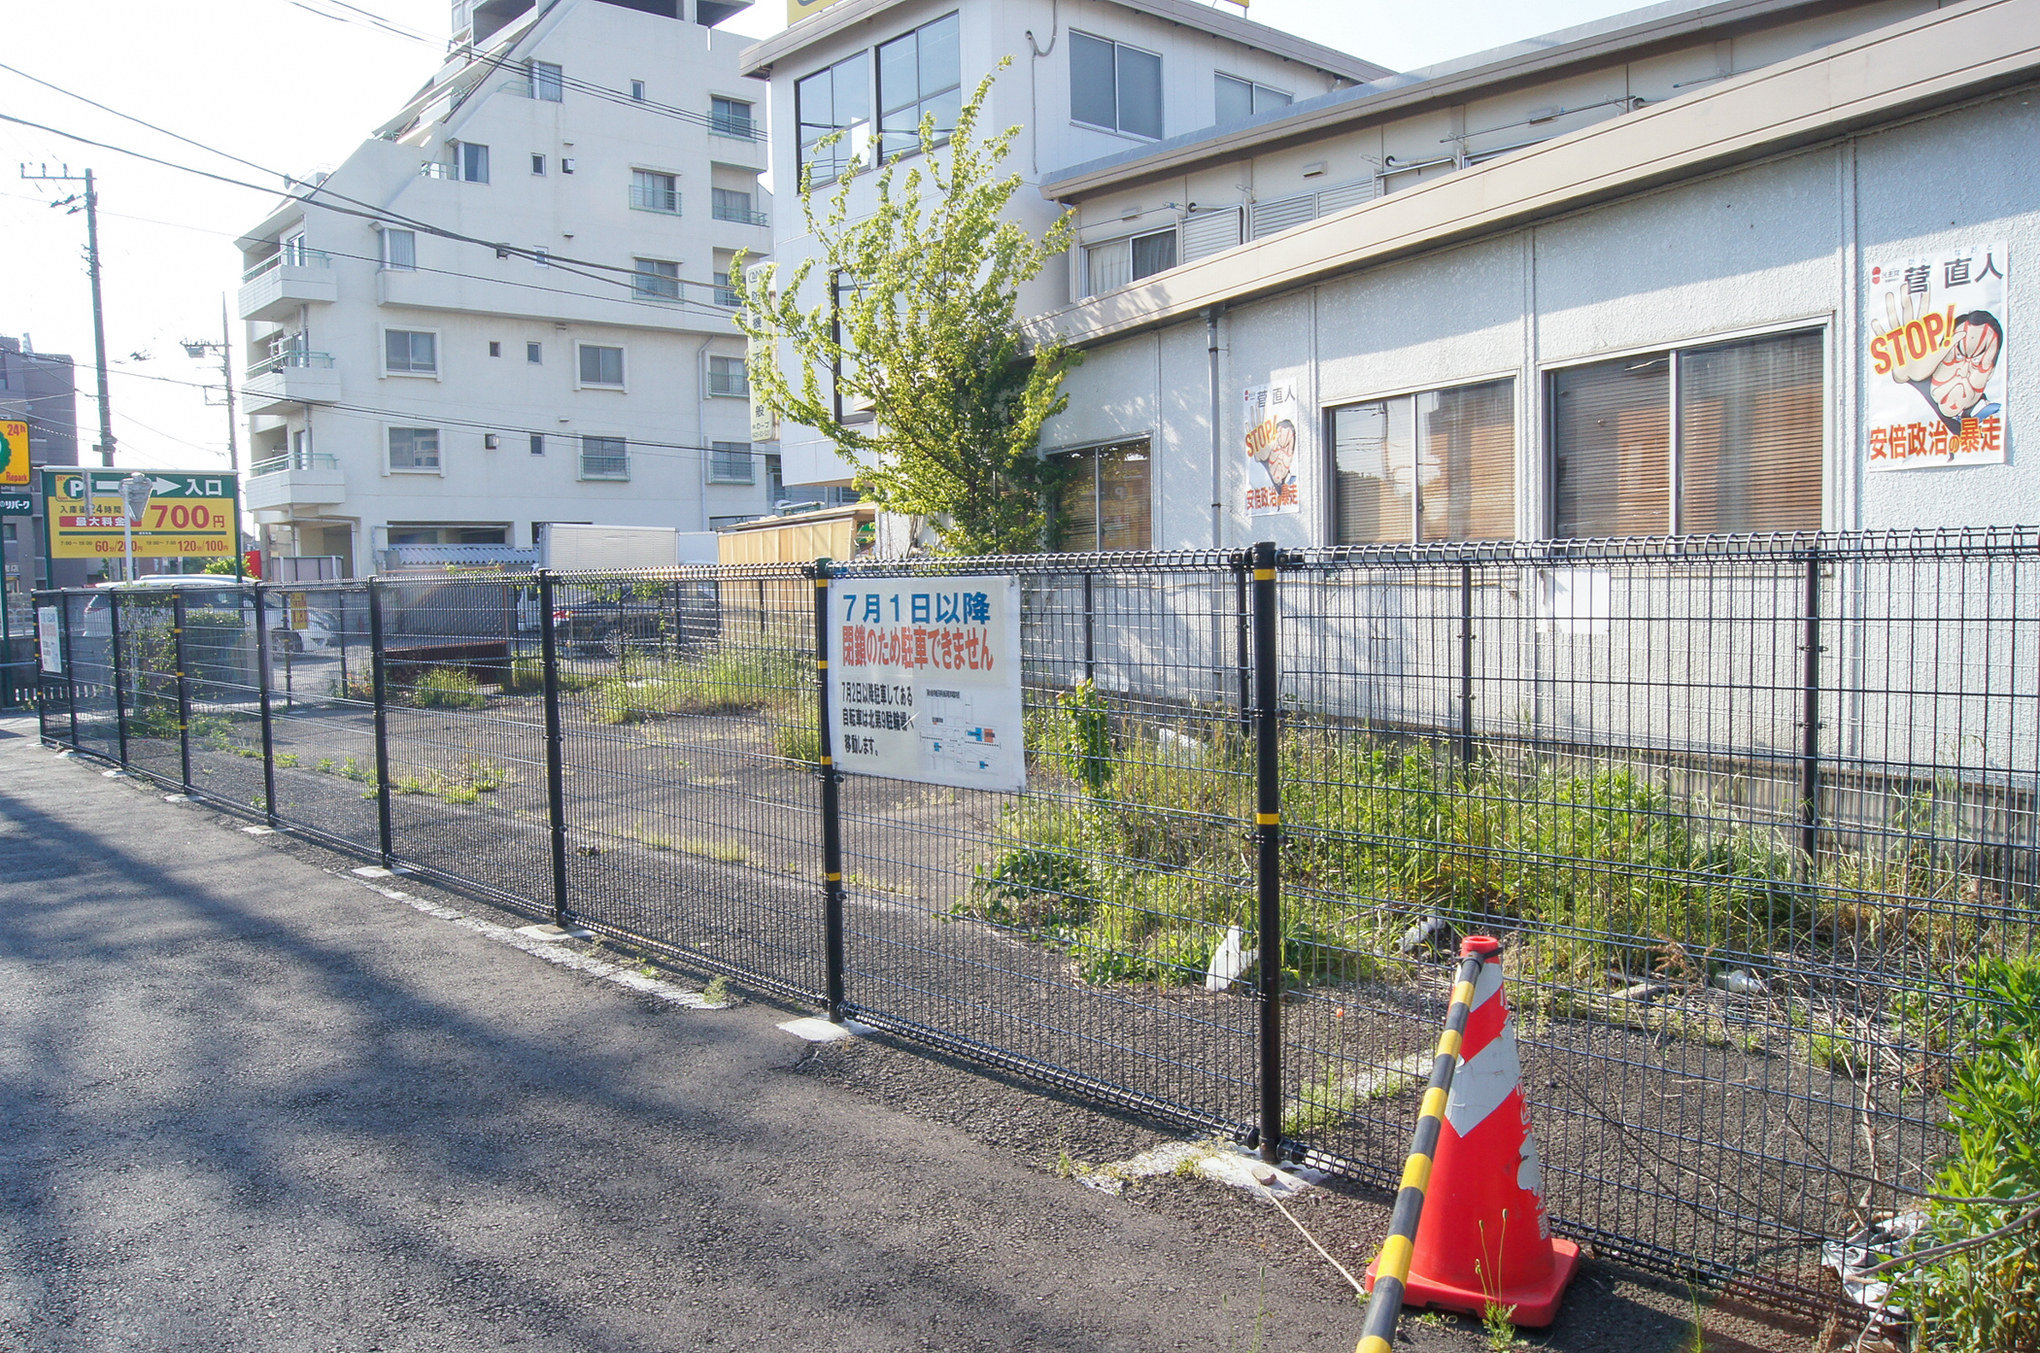 f:id:akichiniiko:20200722181043j:plain